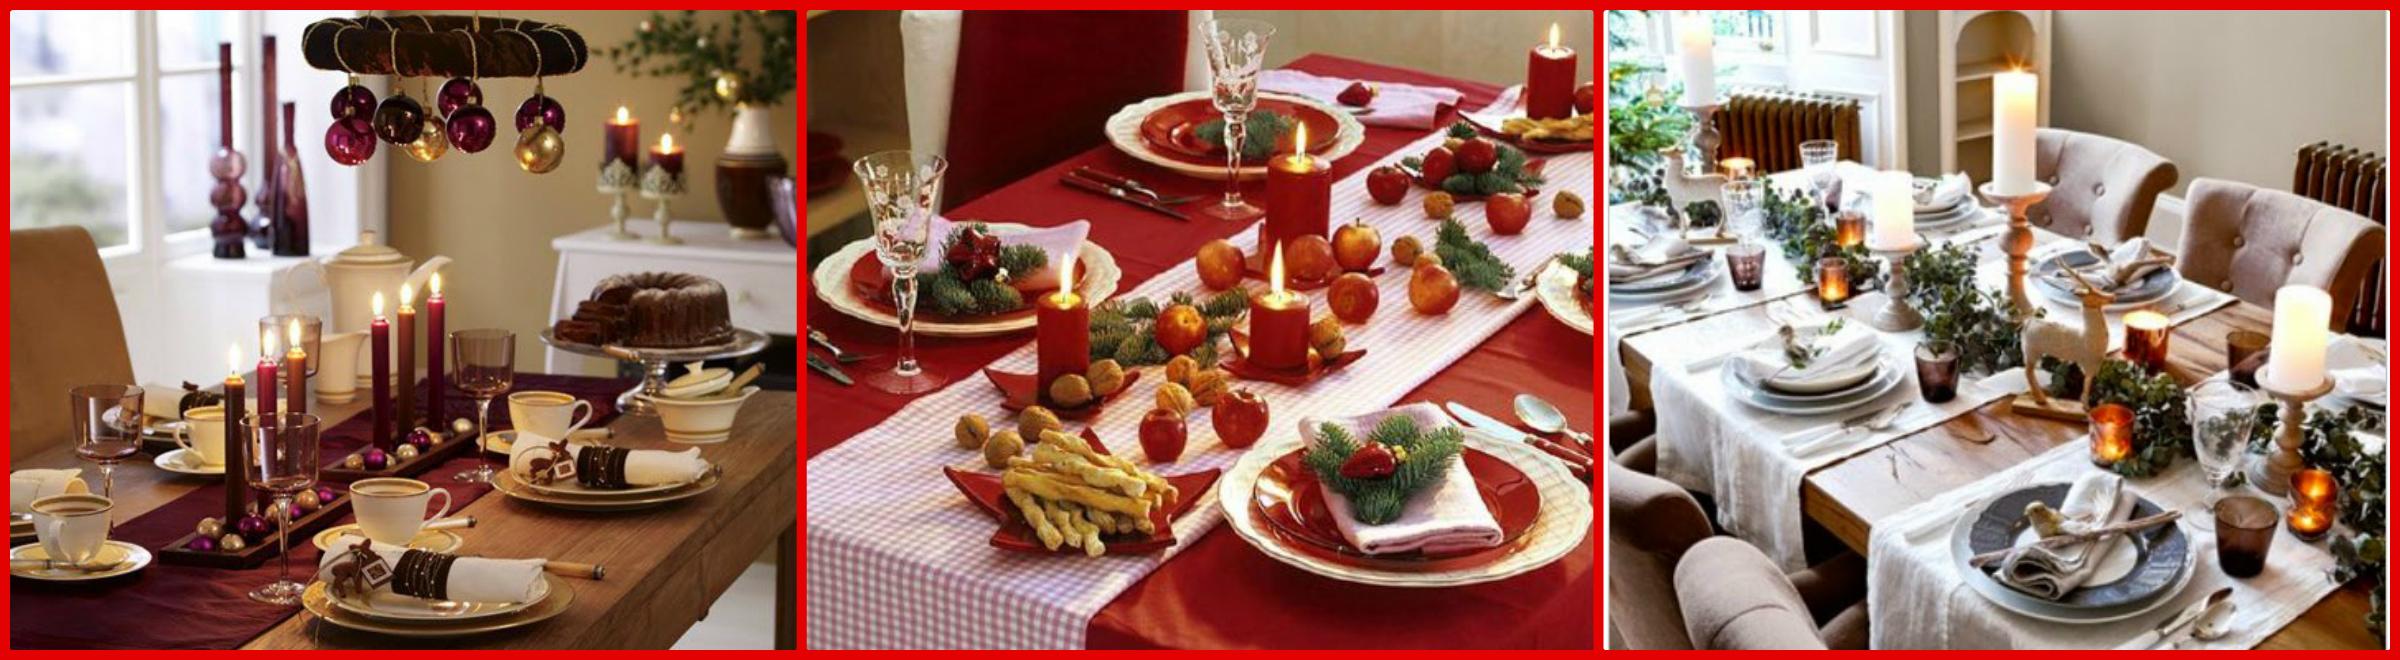 La tavola di natale idee e consigli per decorarla al meglio for Tavola di natale